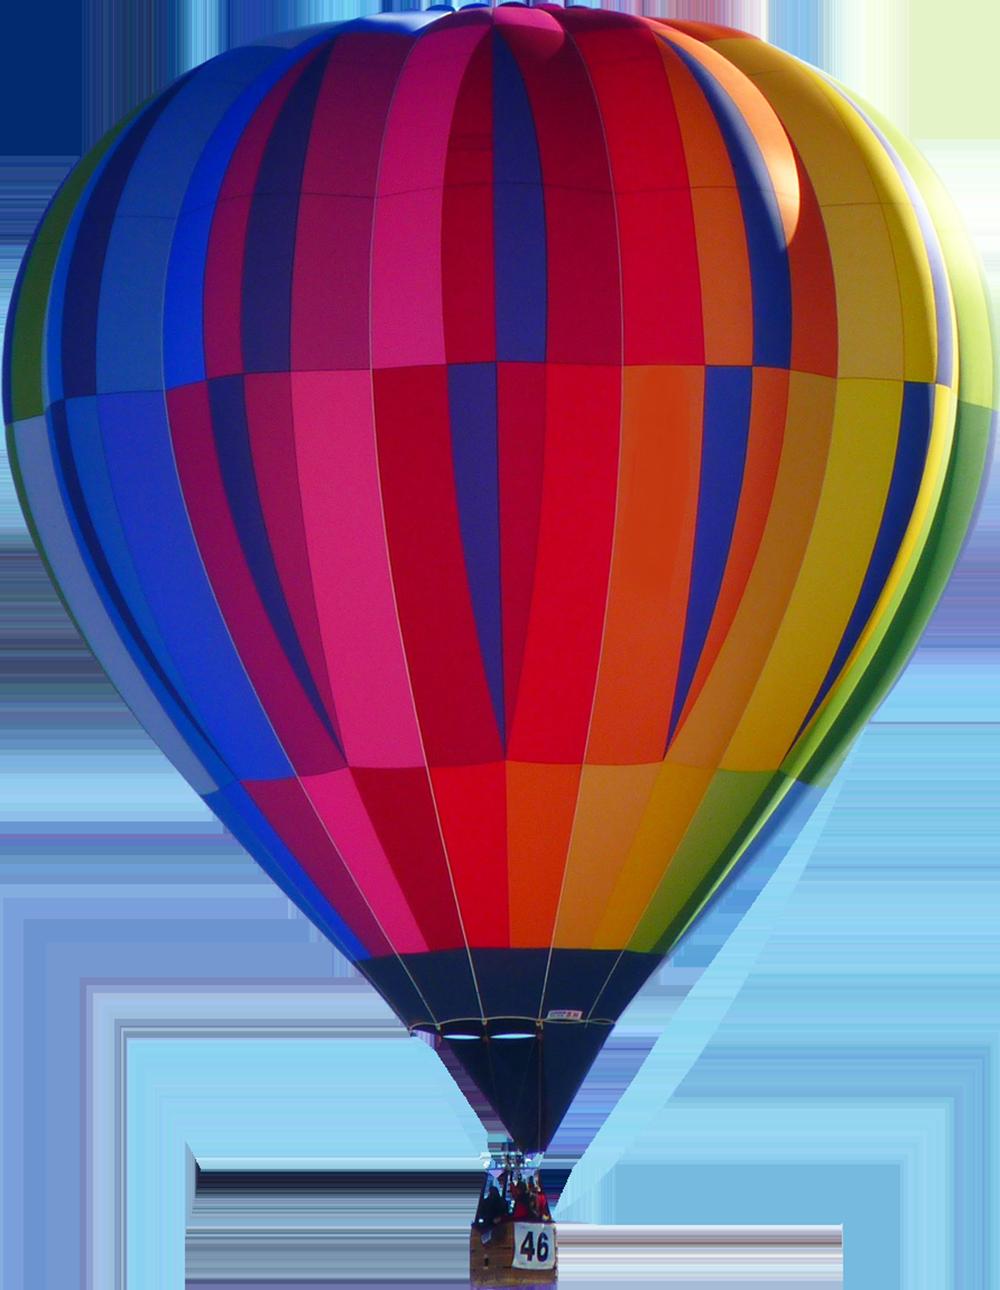 Image - Entourage - Air Balloon 15